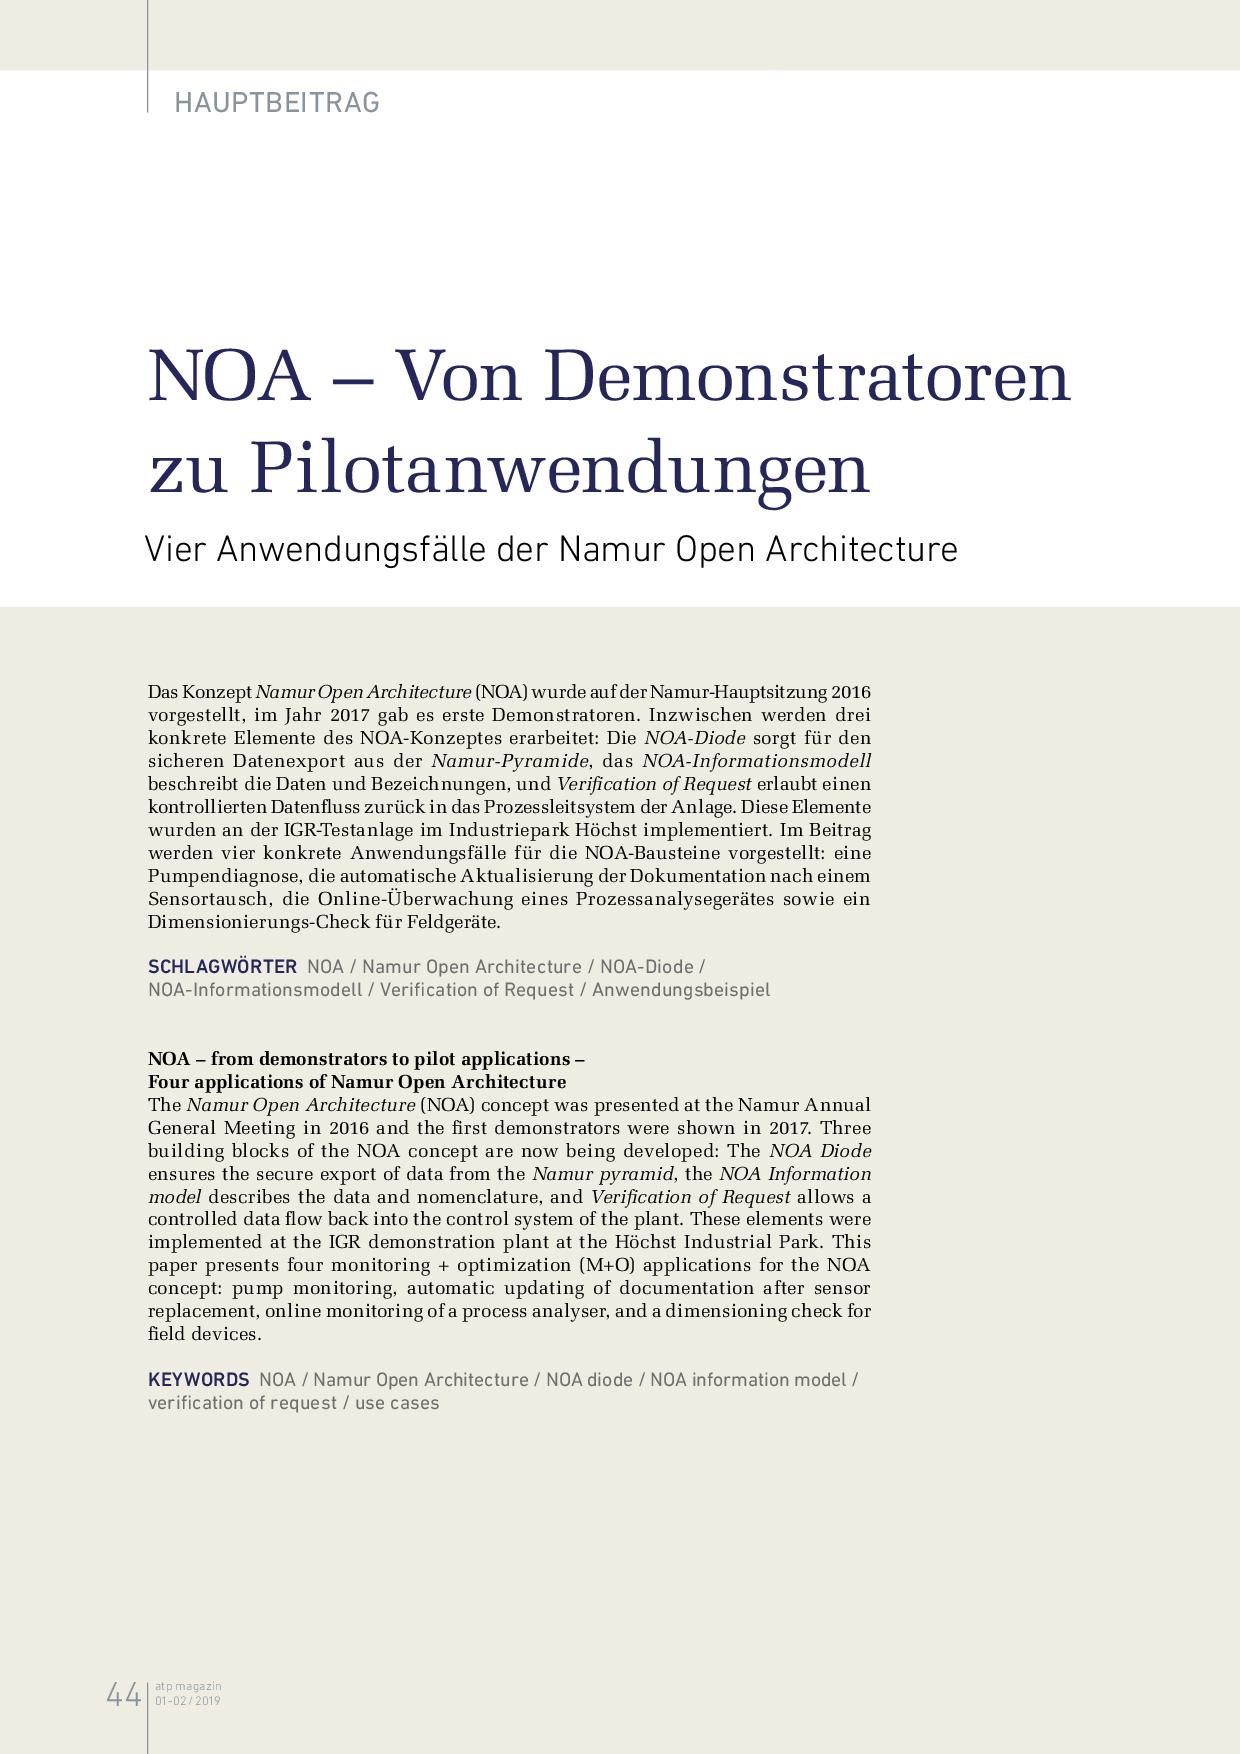 NOA – Von Demonstratoren zu Pilotanwendungen